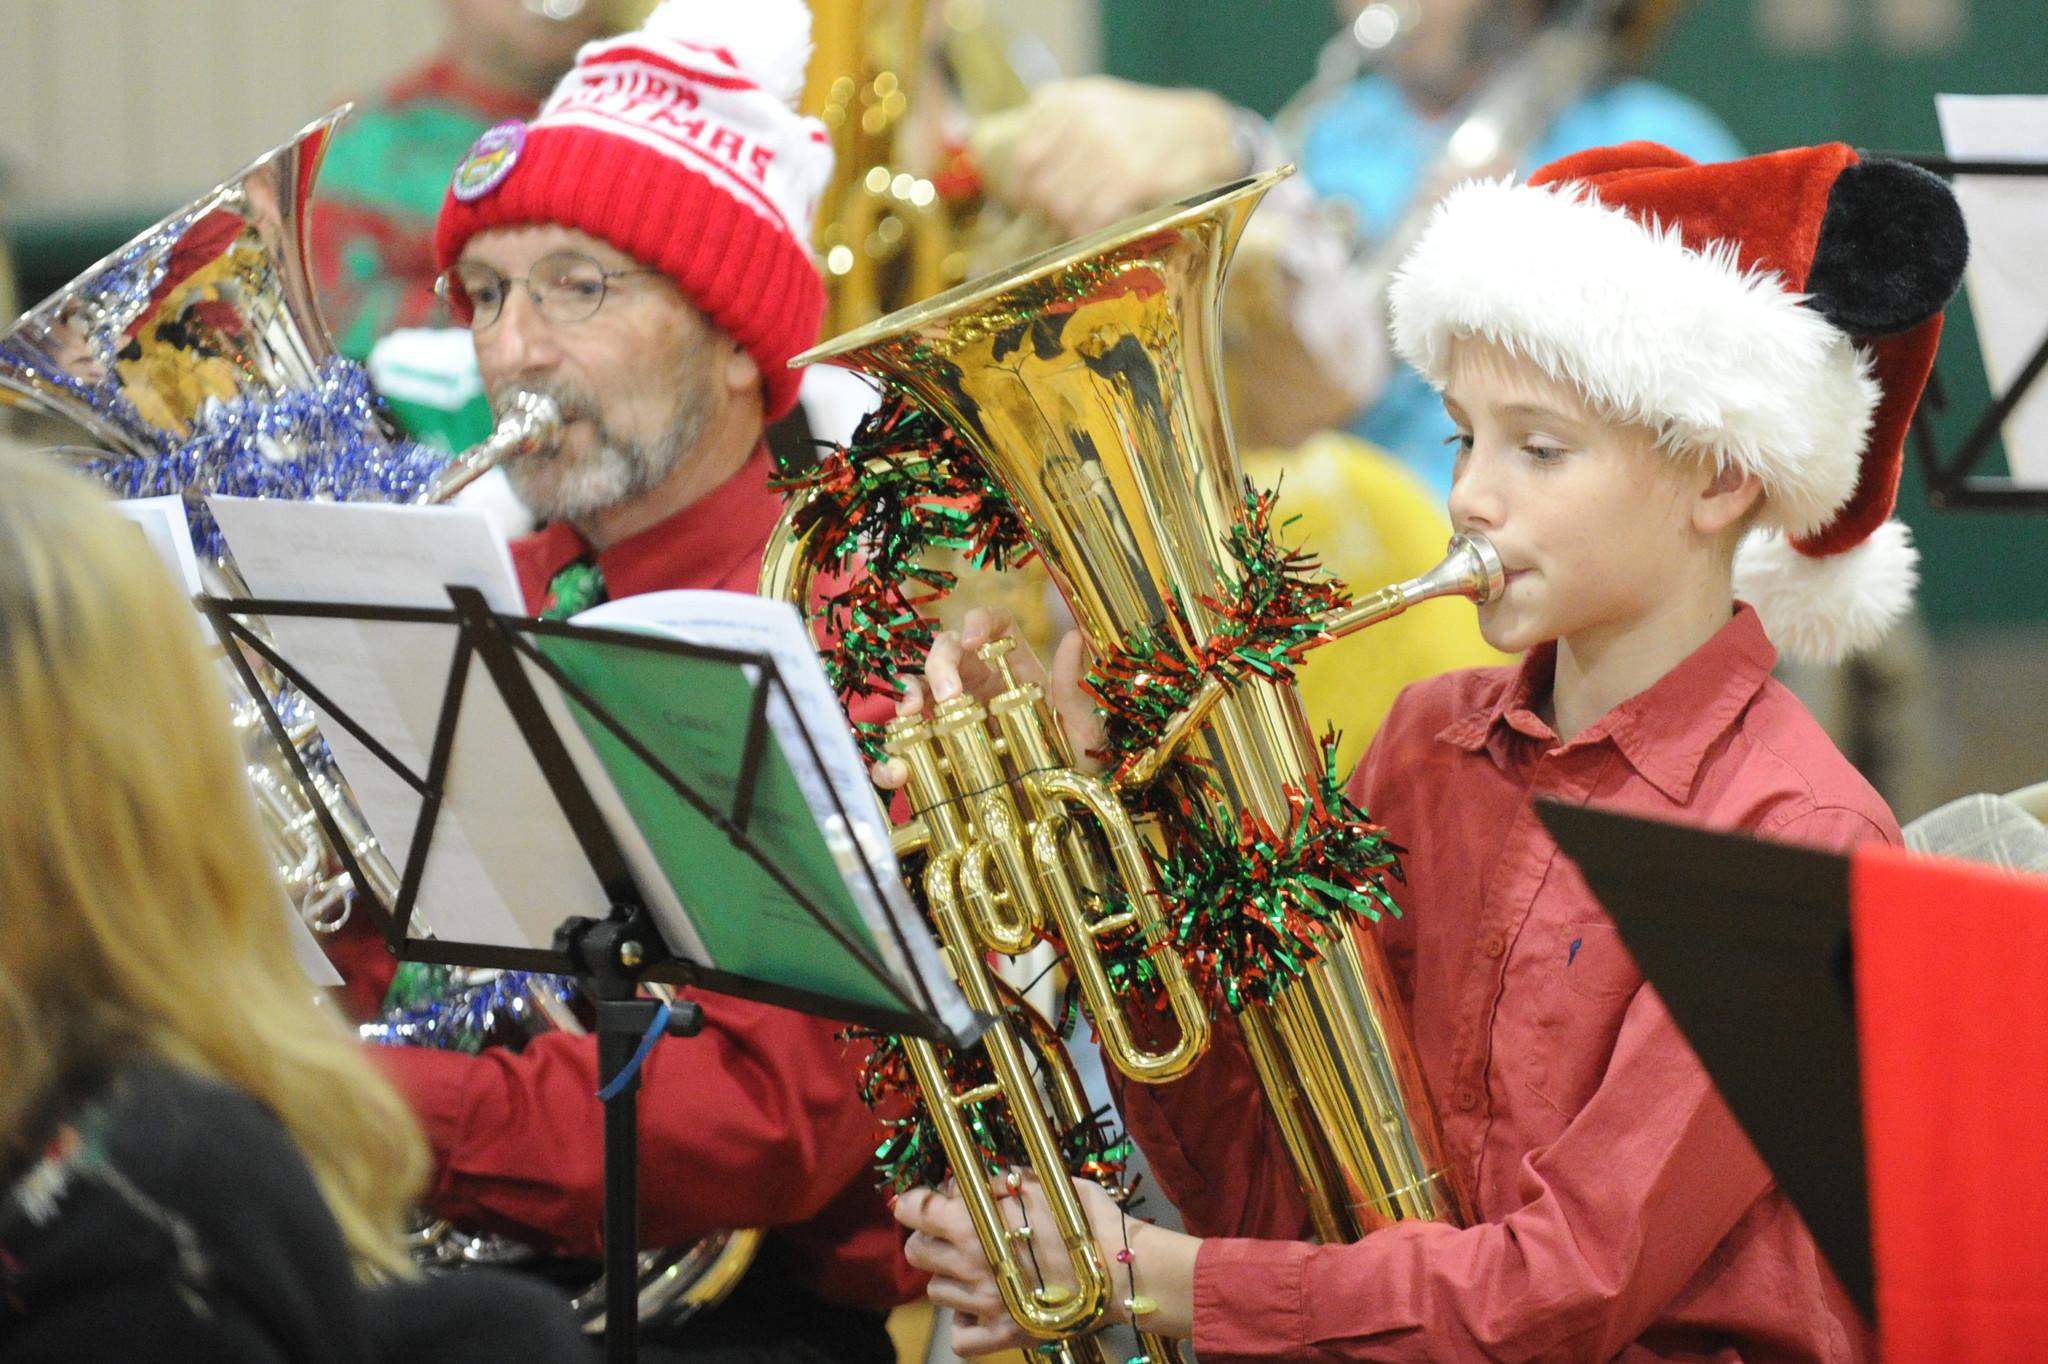 Tuba Christmas.Tuba Christmas Draws Hundreds To Bel Air Armory Baltimore Sun